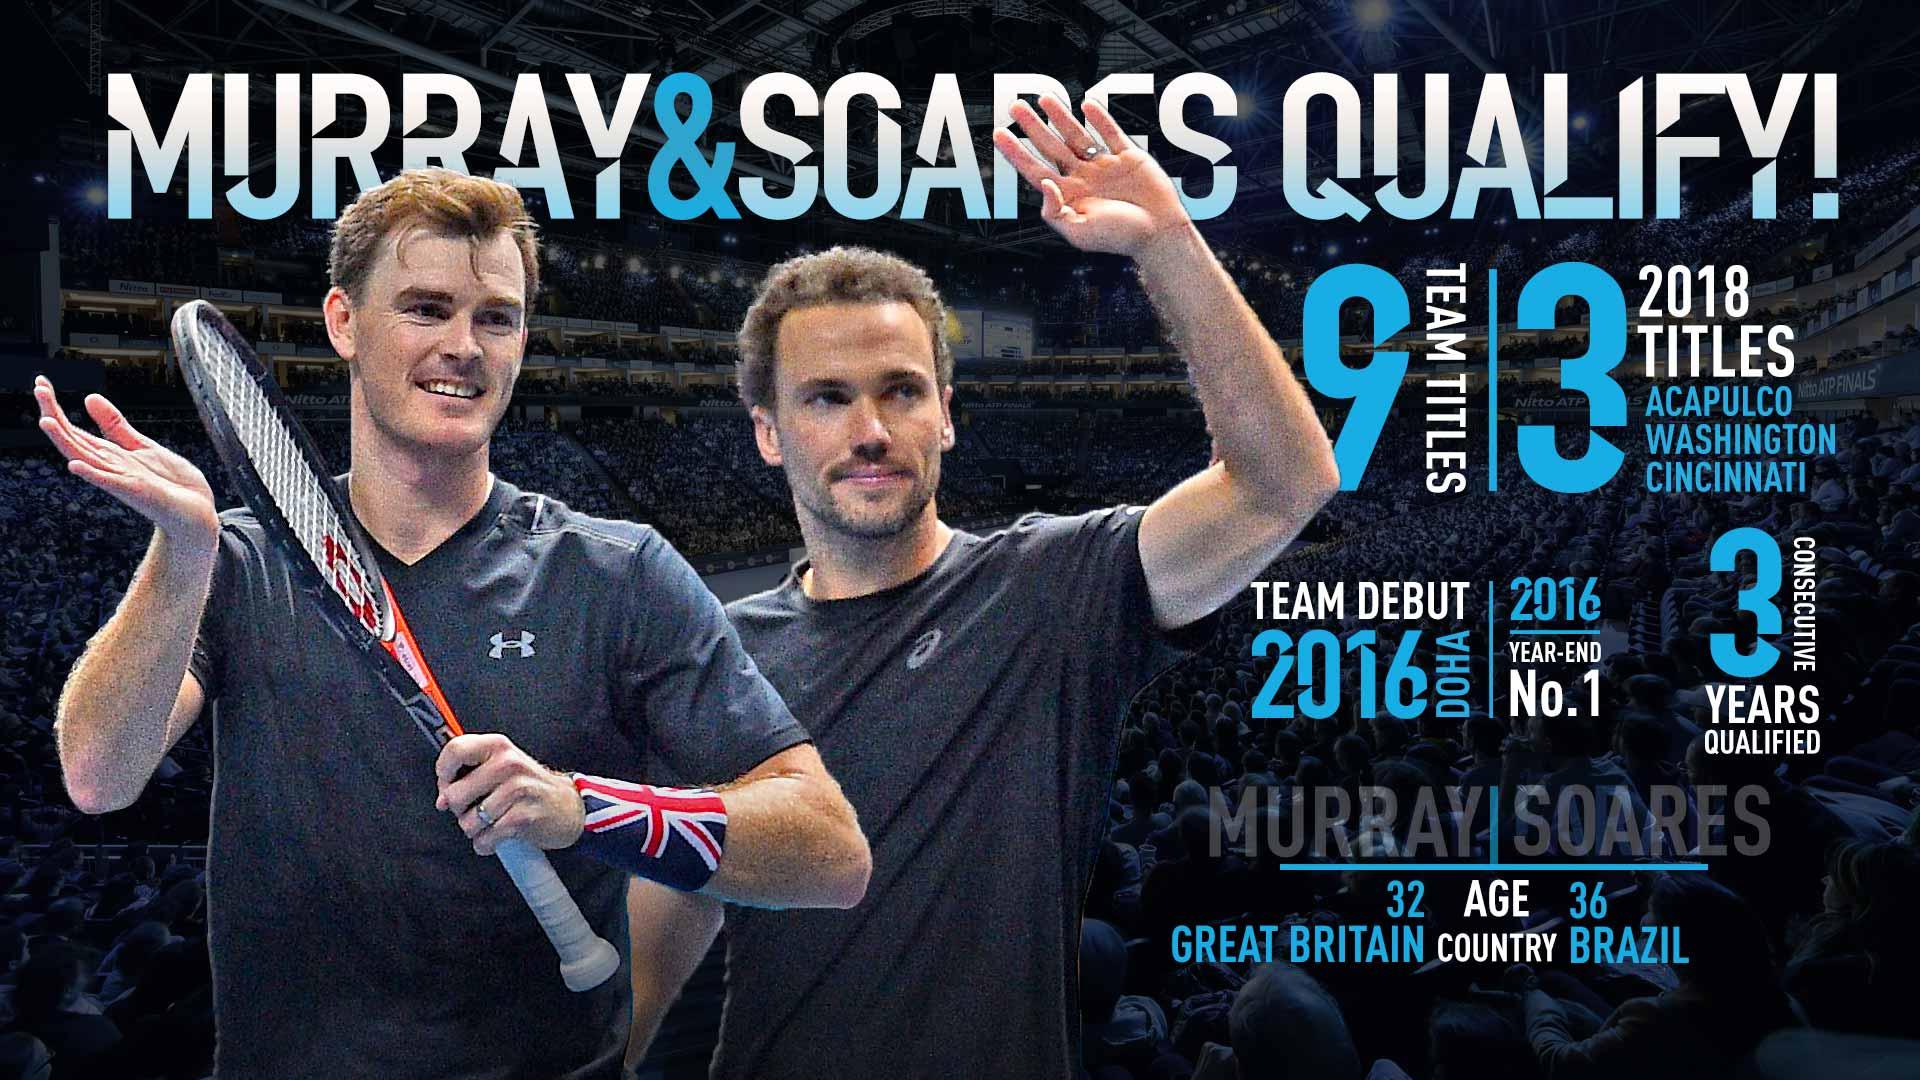 Murray/Soares Qualify For 2018 Nitto ATP Finals   ATP World Tour   Tennis